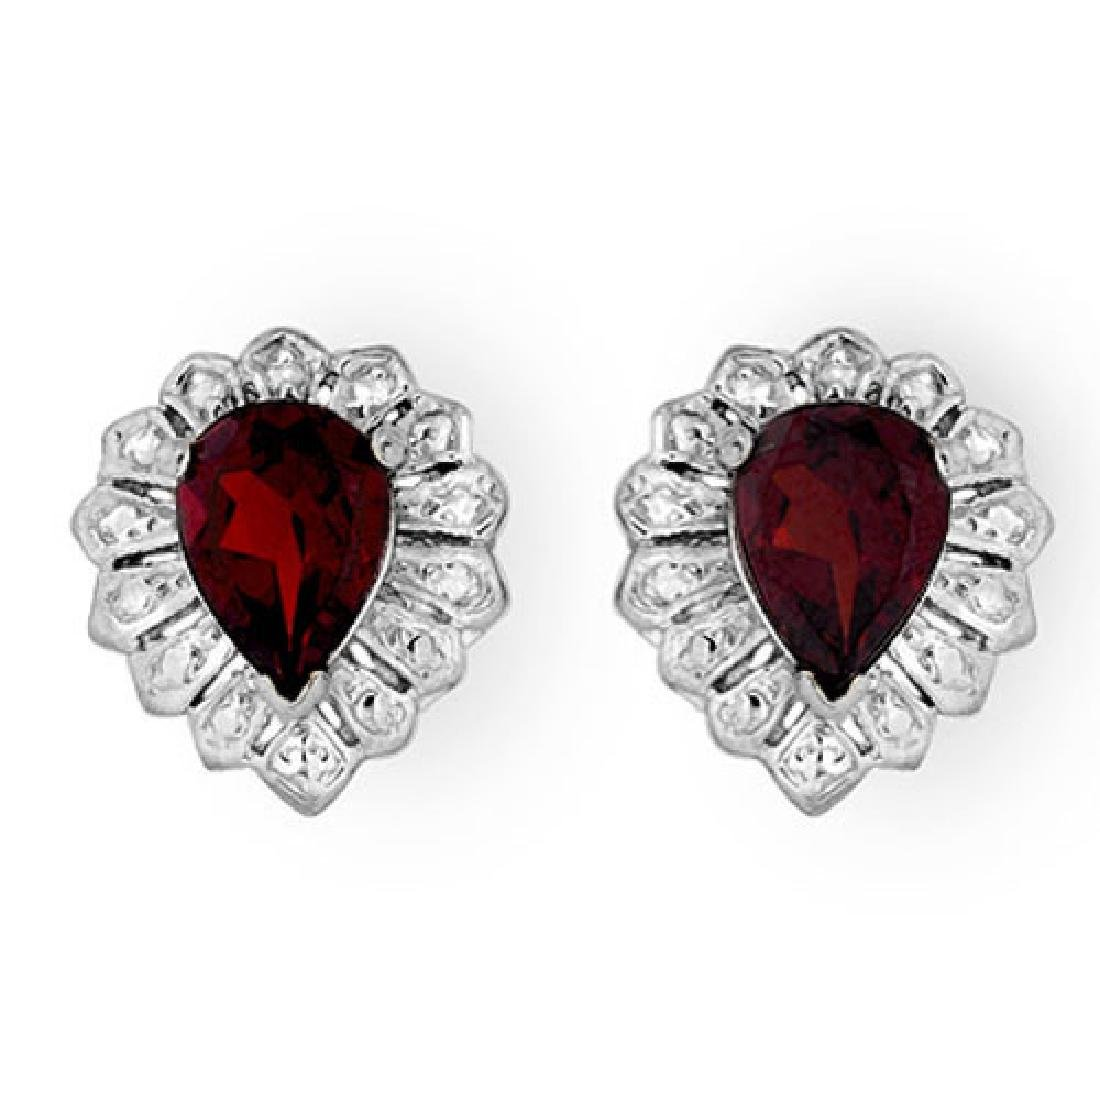 2.20 CTW Garnet Earrings 18K White Gold